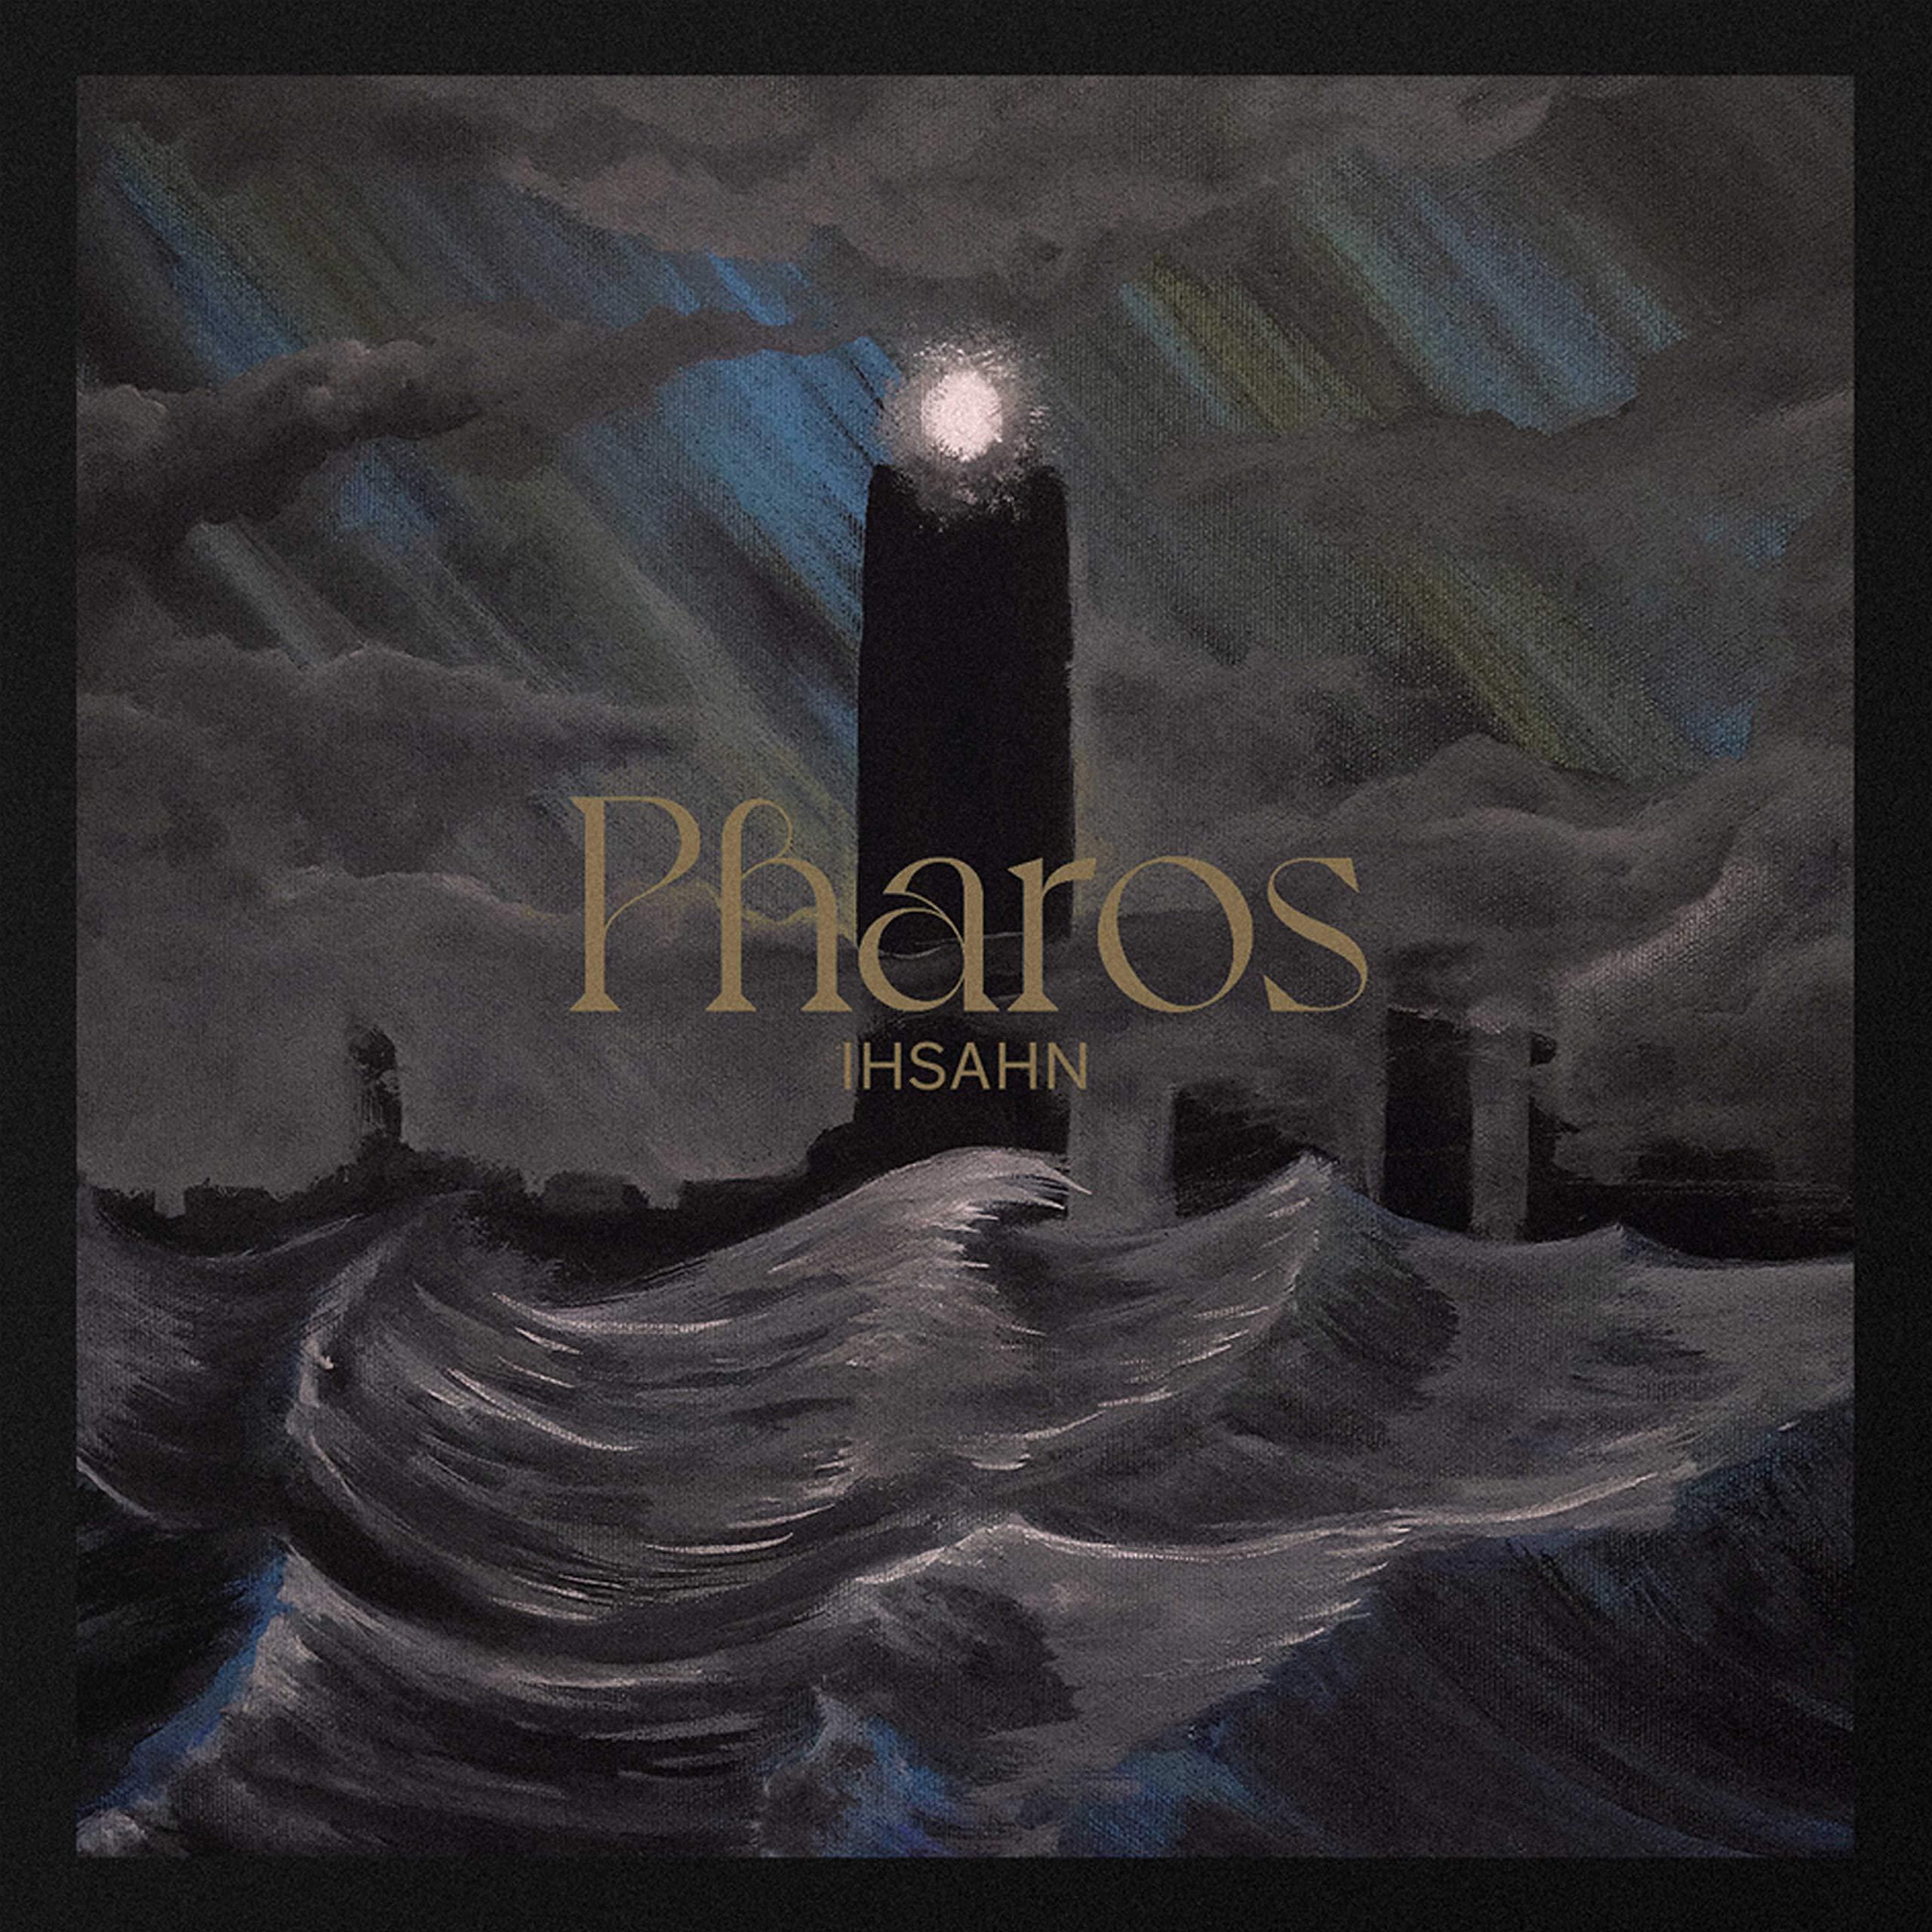 Ihsahn - Pharos (2020) [FLAC] Download